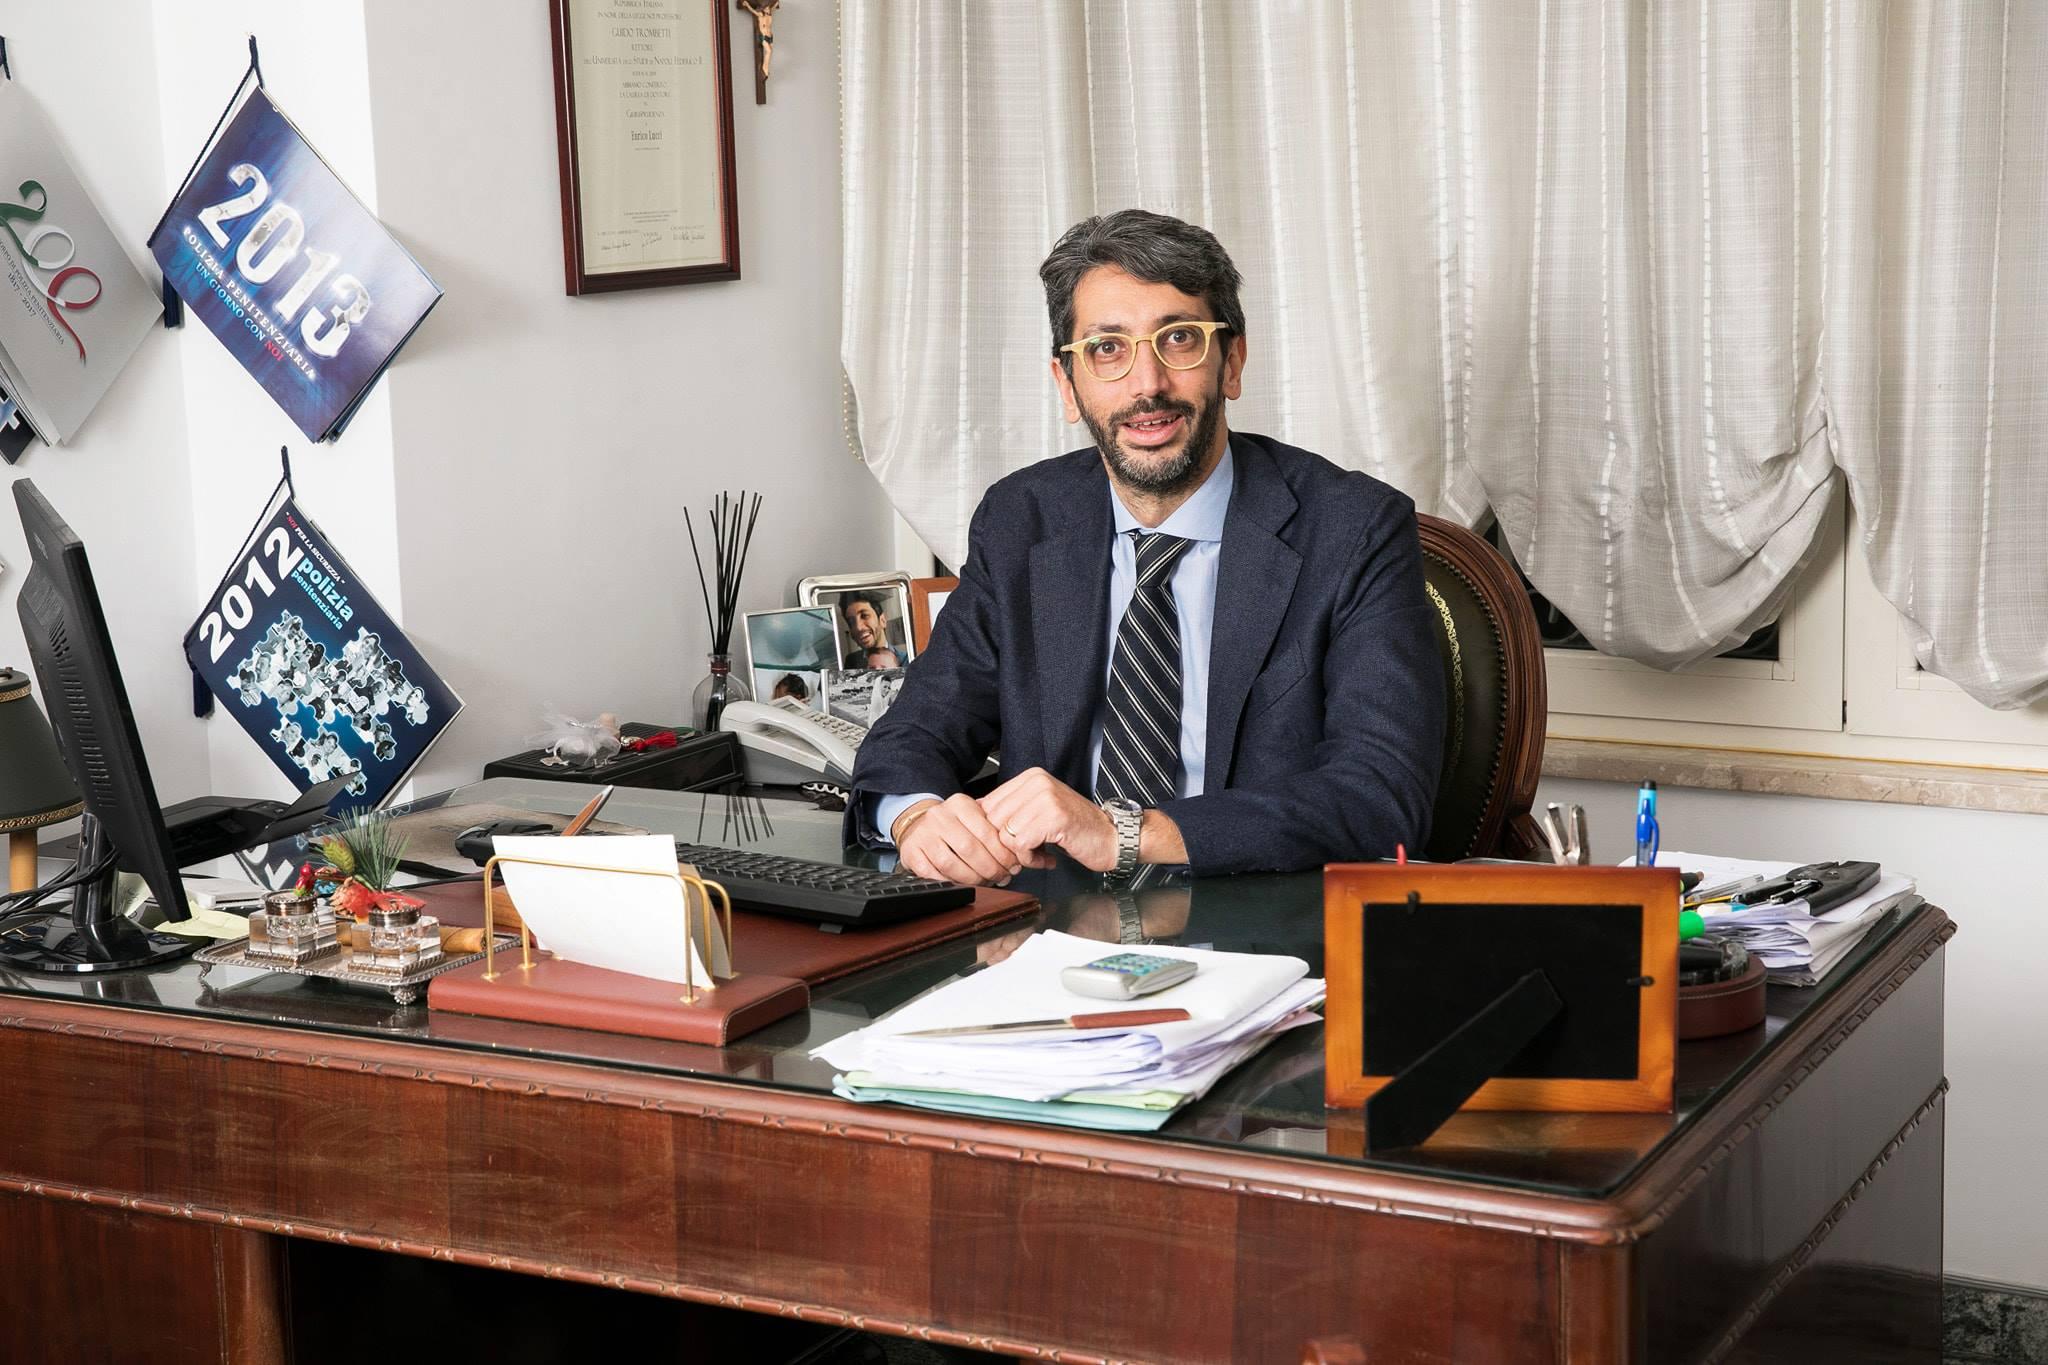 Avvocato tributarista napoli Enrico lucci